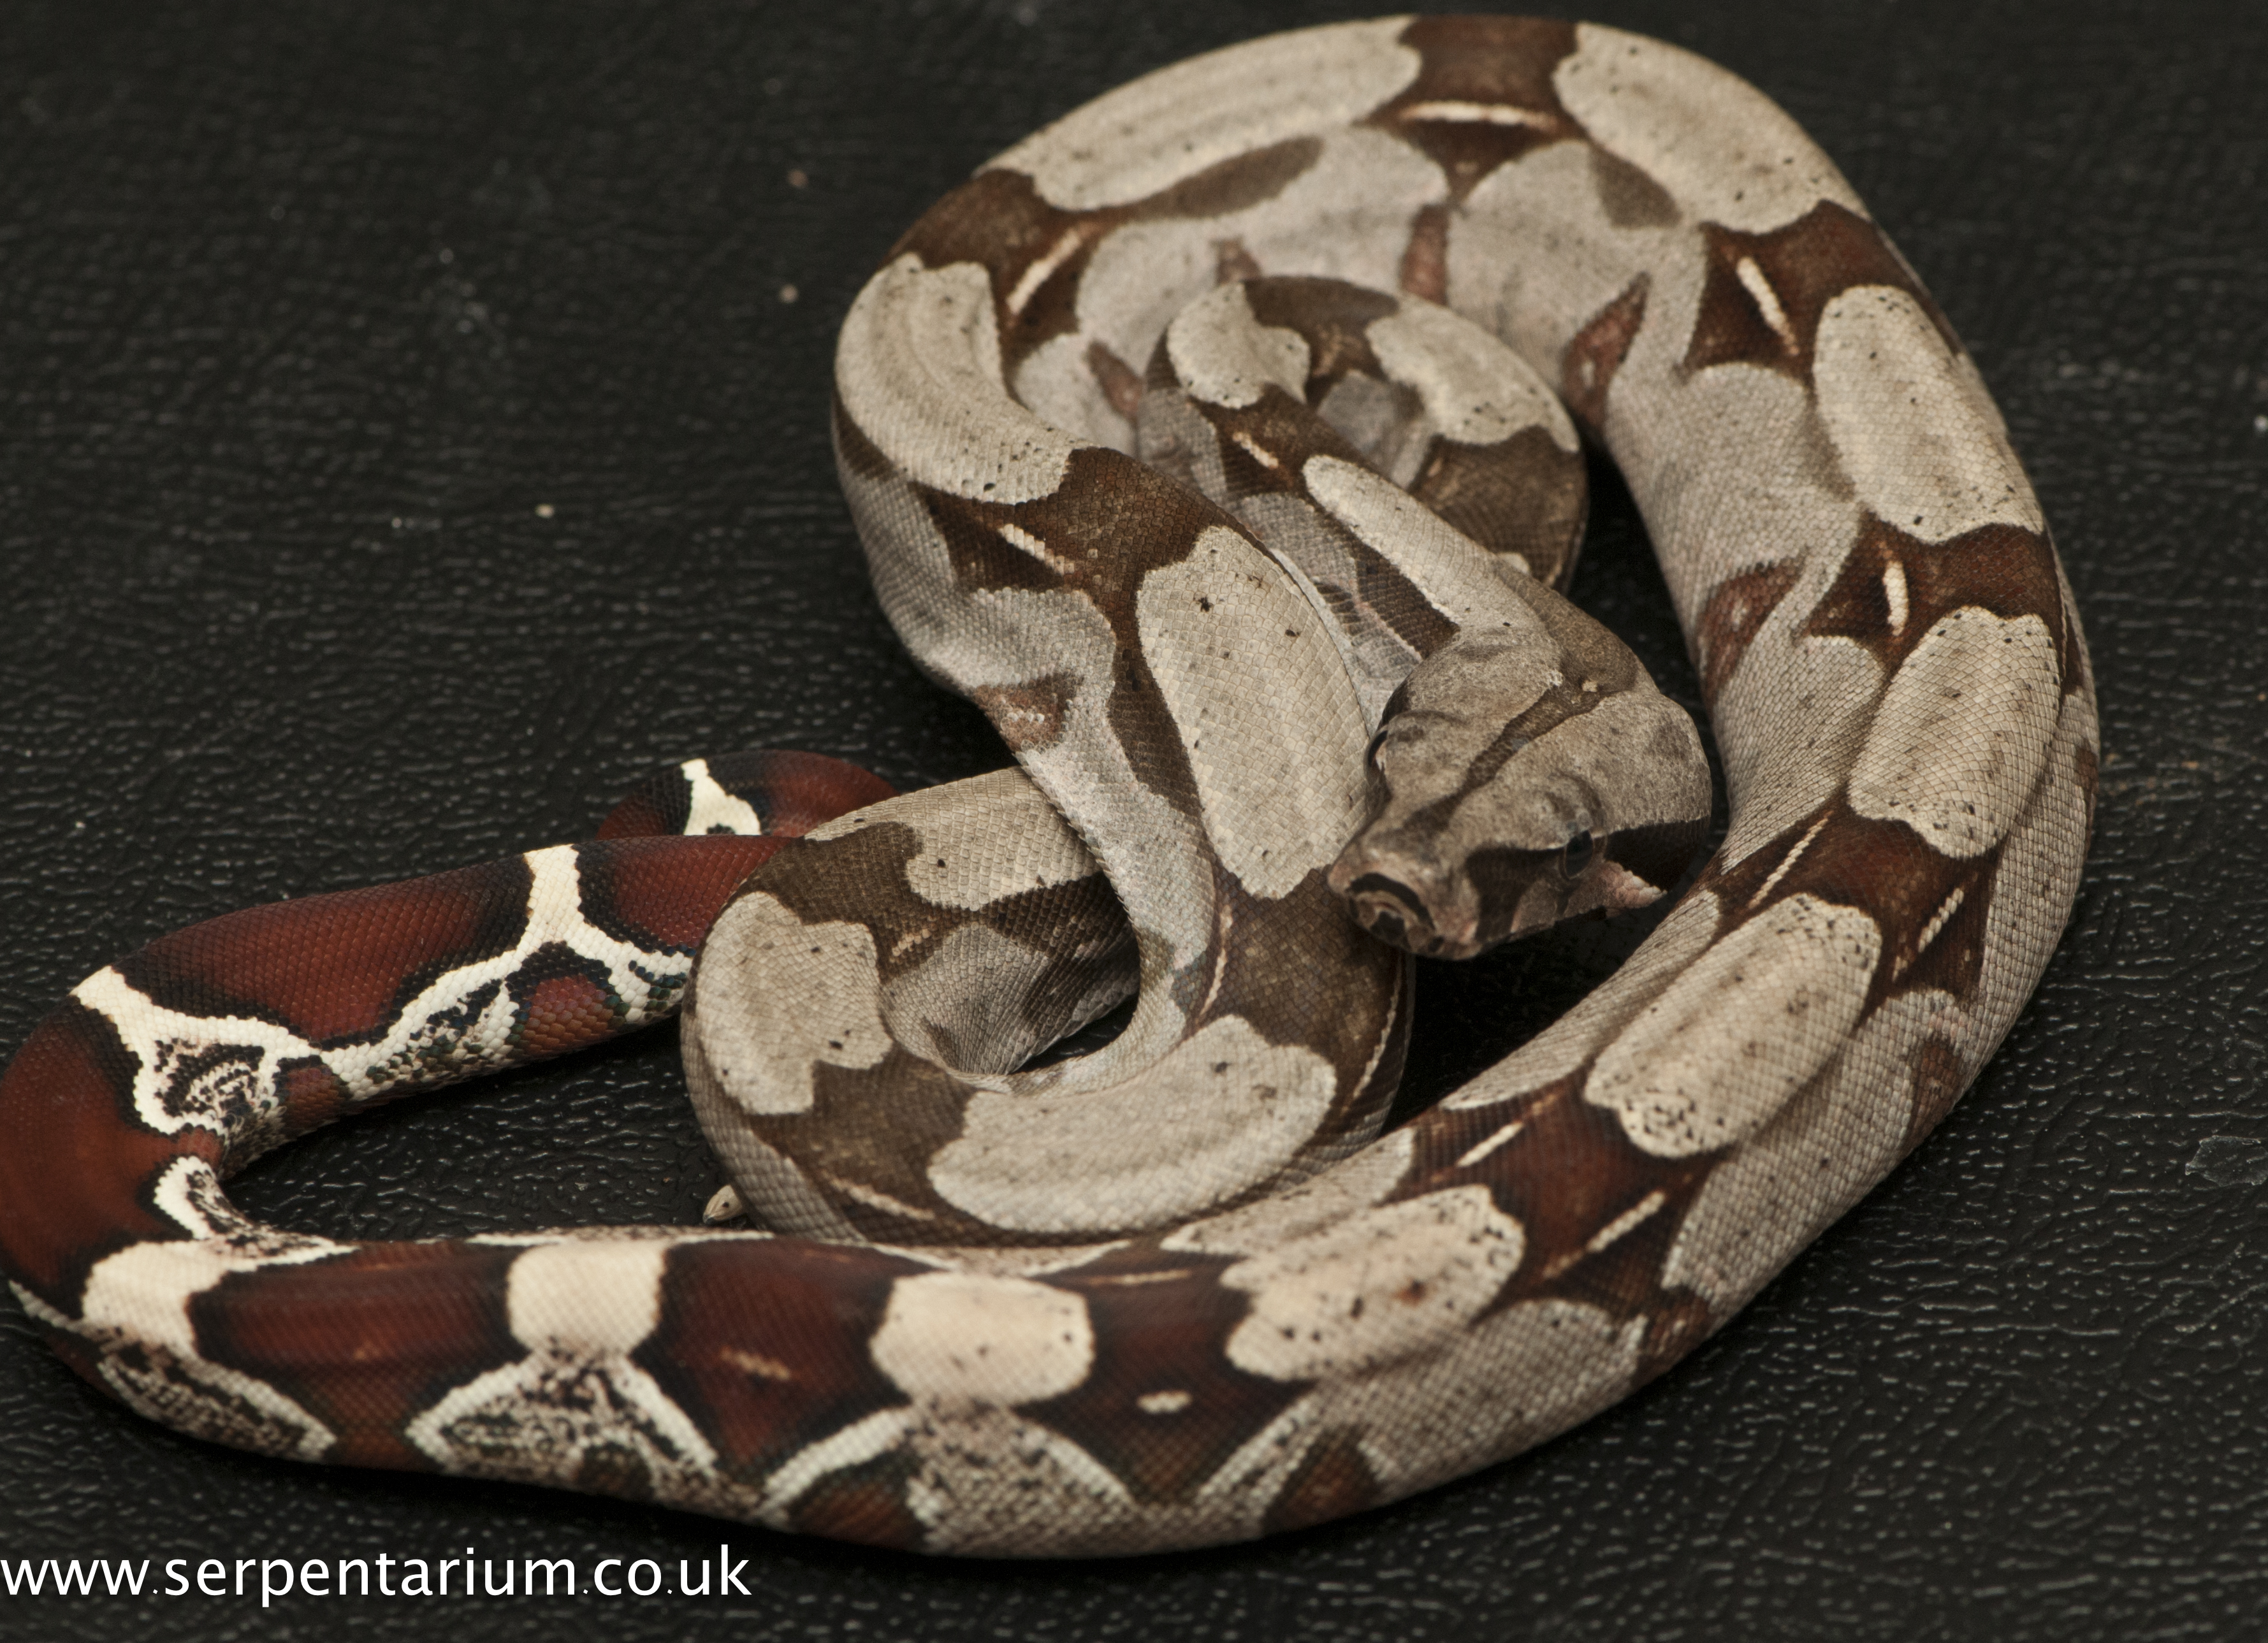 Boa Constrictor Constrictor | Serpentarium